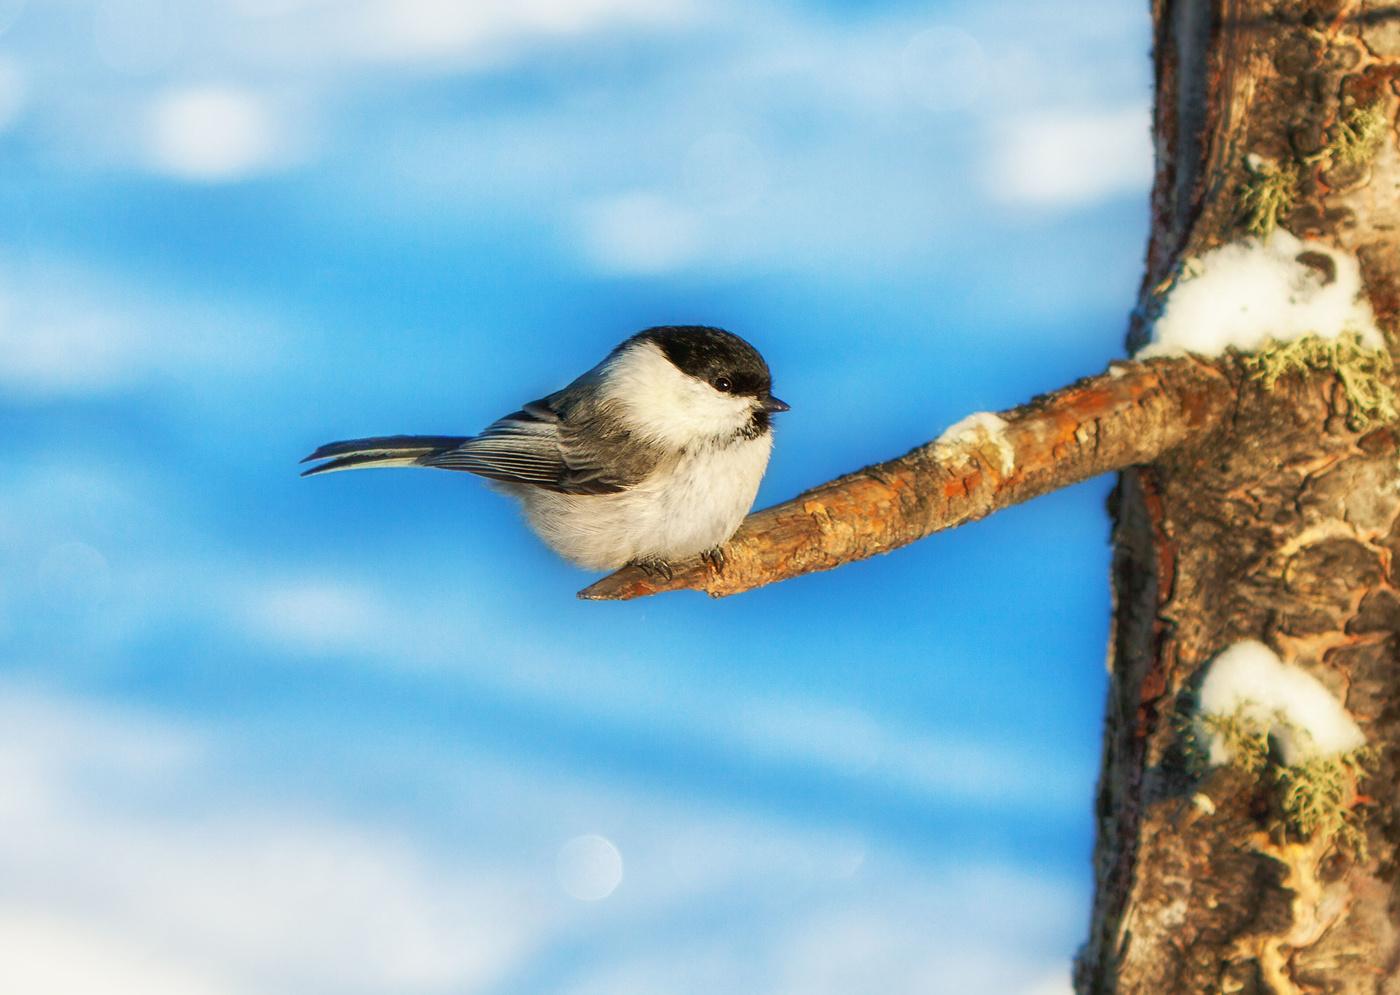 Птичка буроголовая гаичка картинка